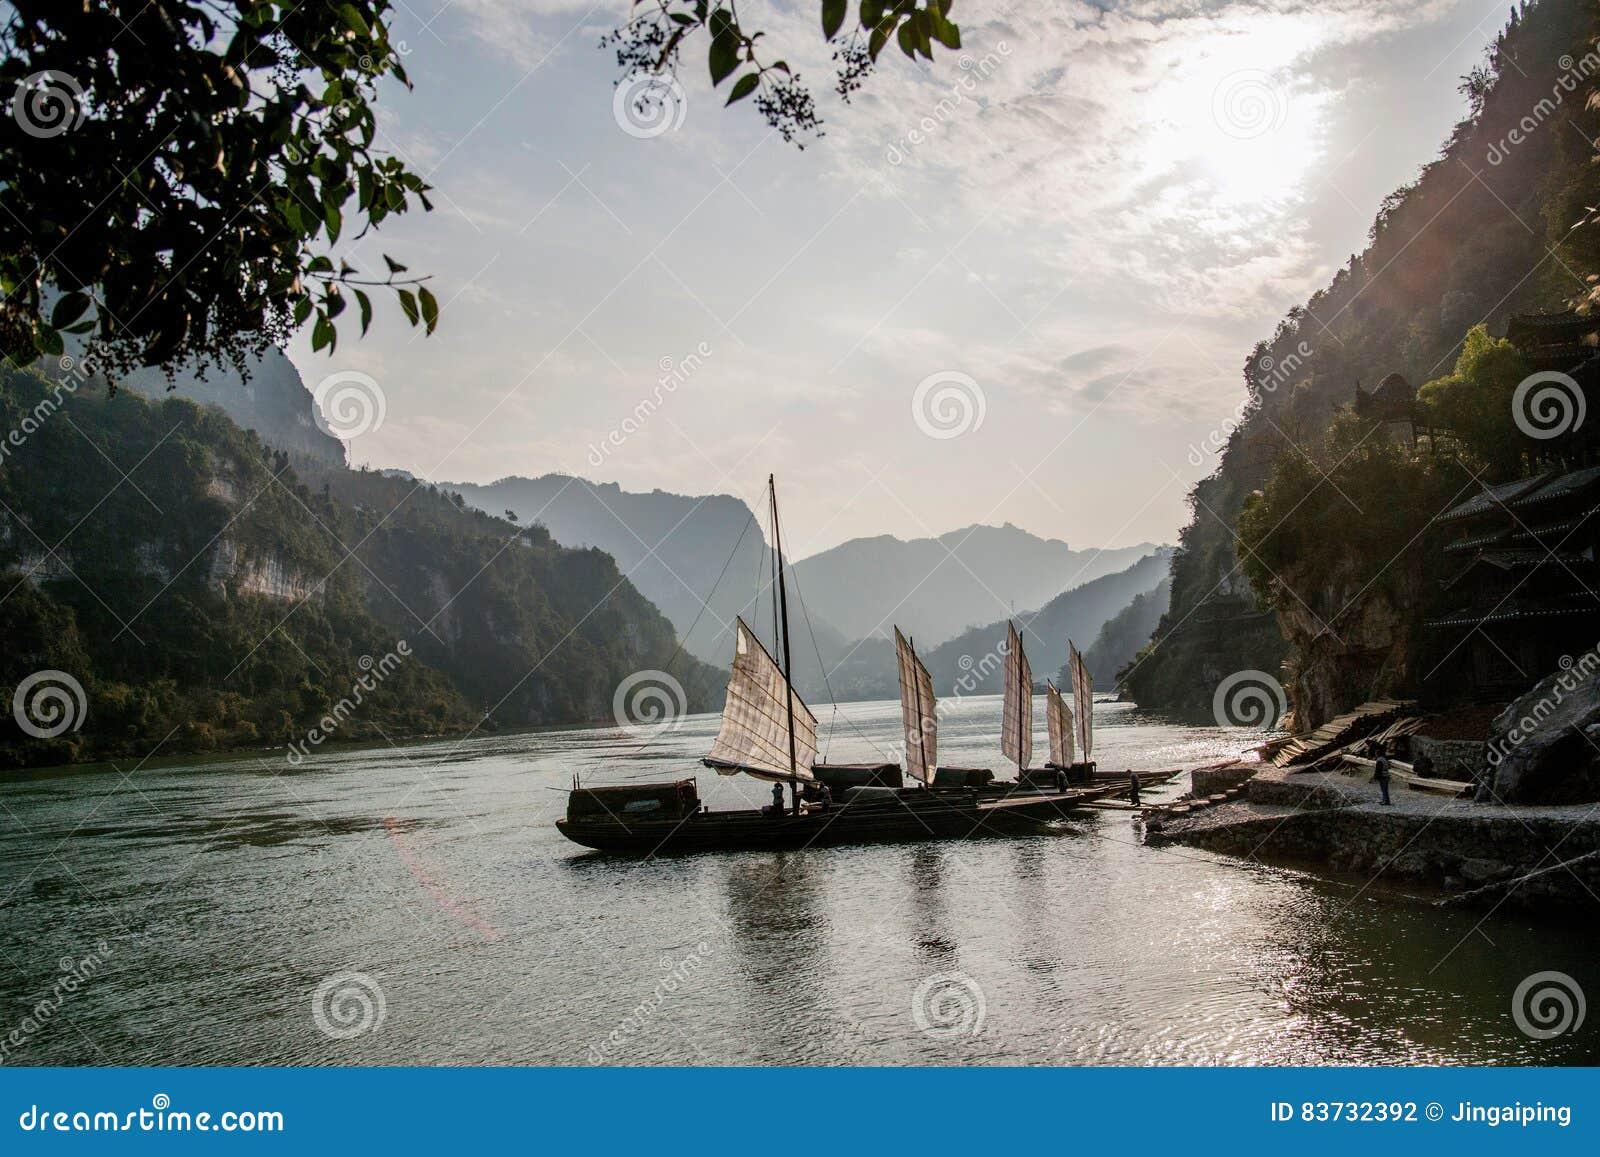 Yiling Yangtze River Three Gorges Dengying Gap i klyftaflodspansk gallion